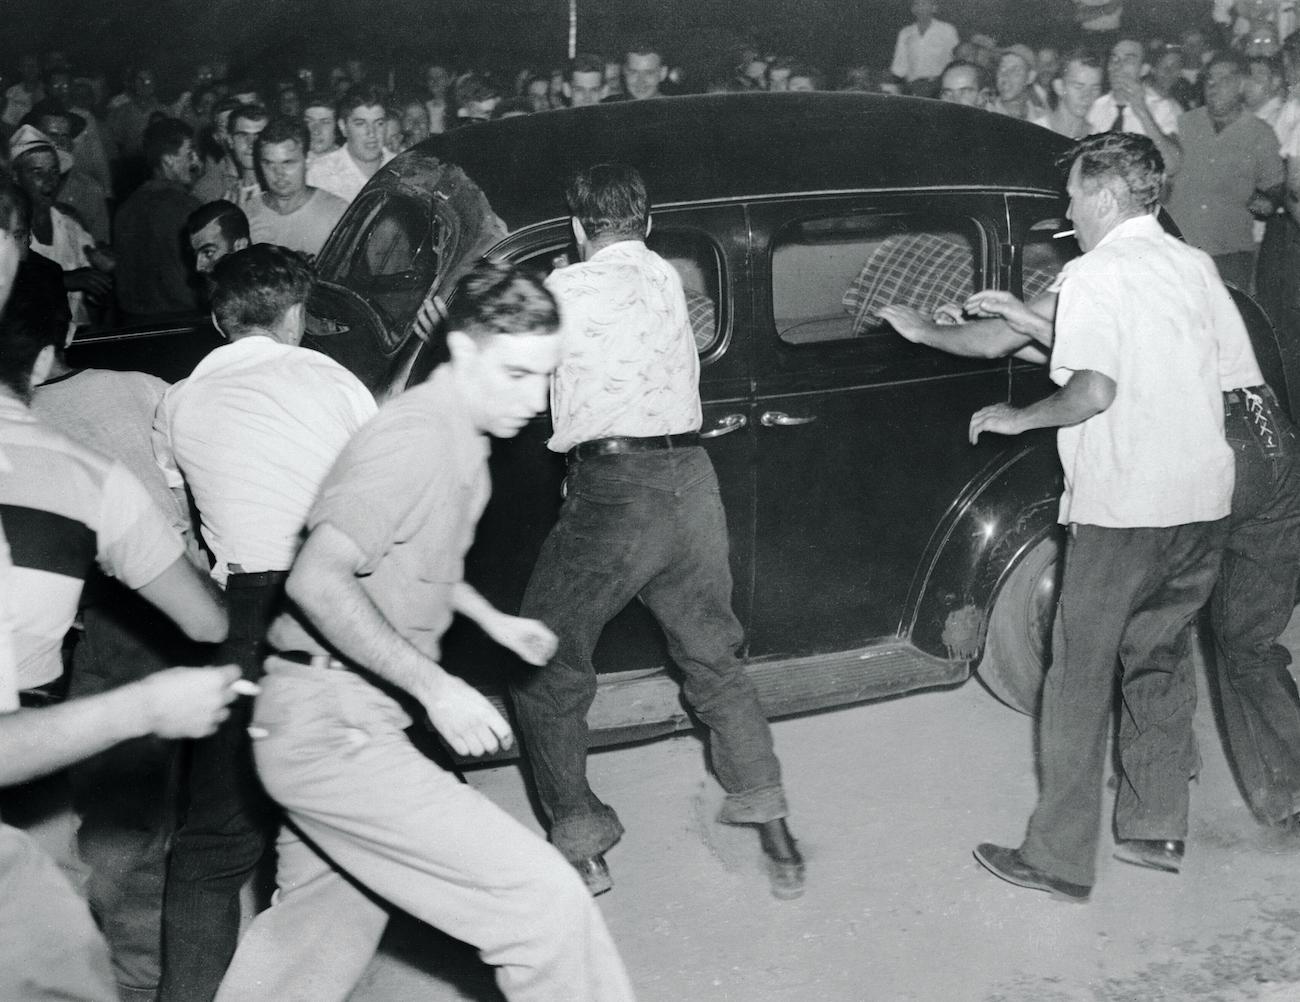 Peekskill Riot - Gus Stadler